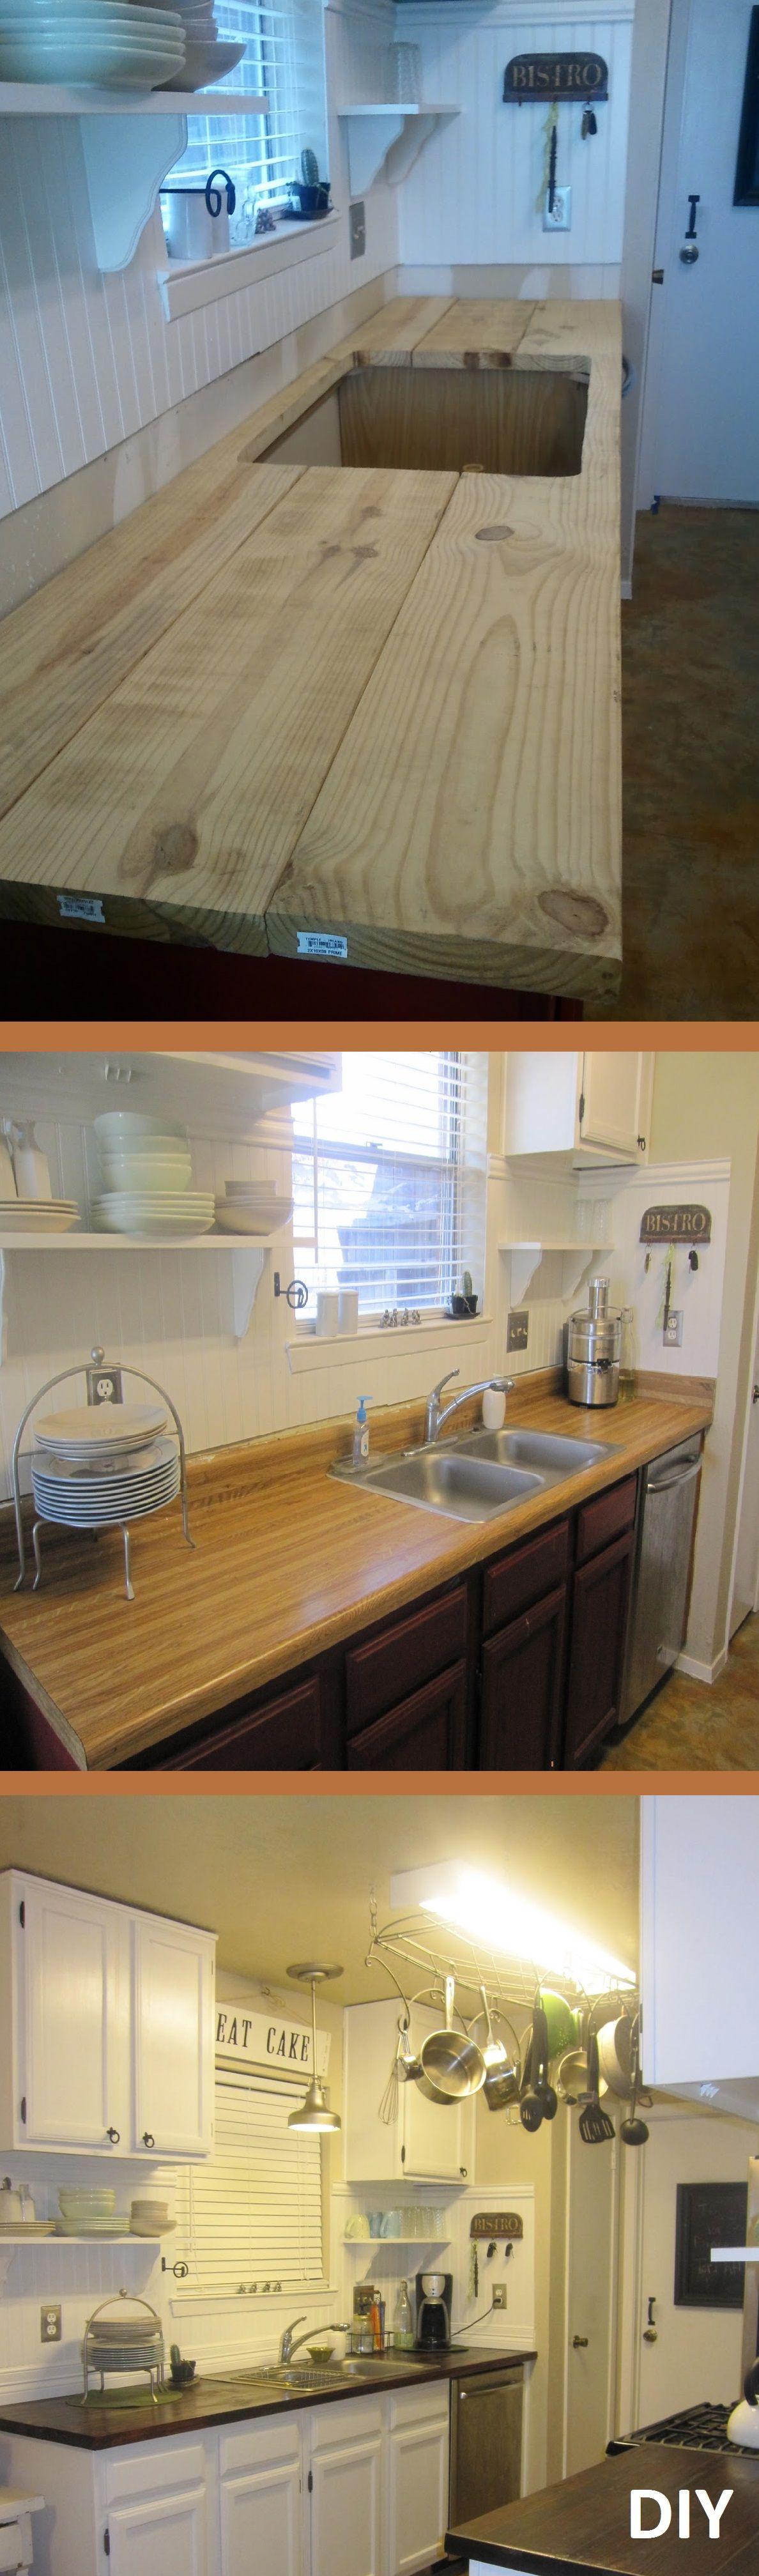 Home Wooden DIY Projects 11 | Küchen-Arbeitsplatten, Küche und ...